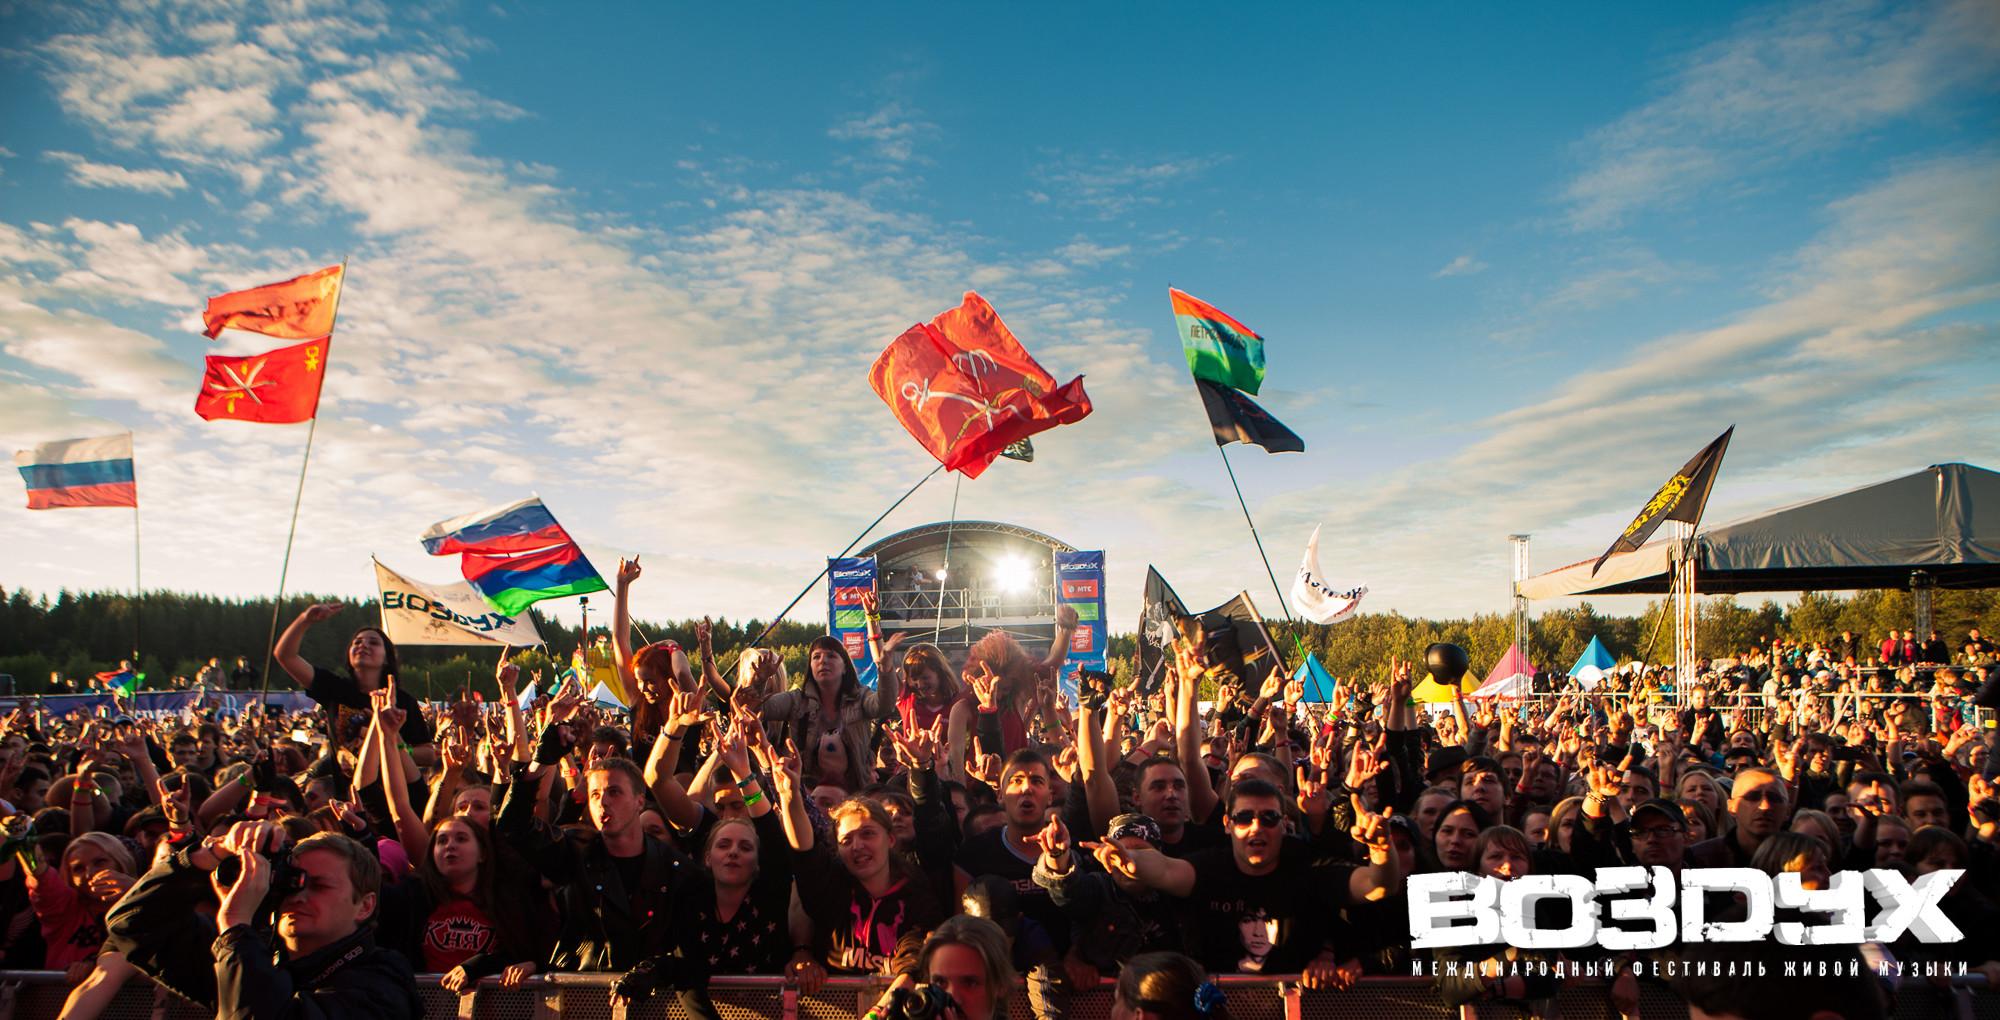 Фото петрозаводск фестиваль воздух 2